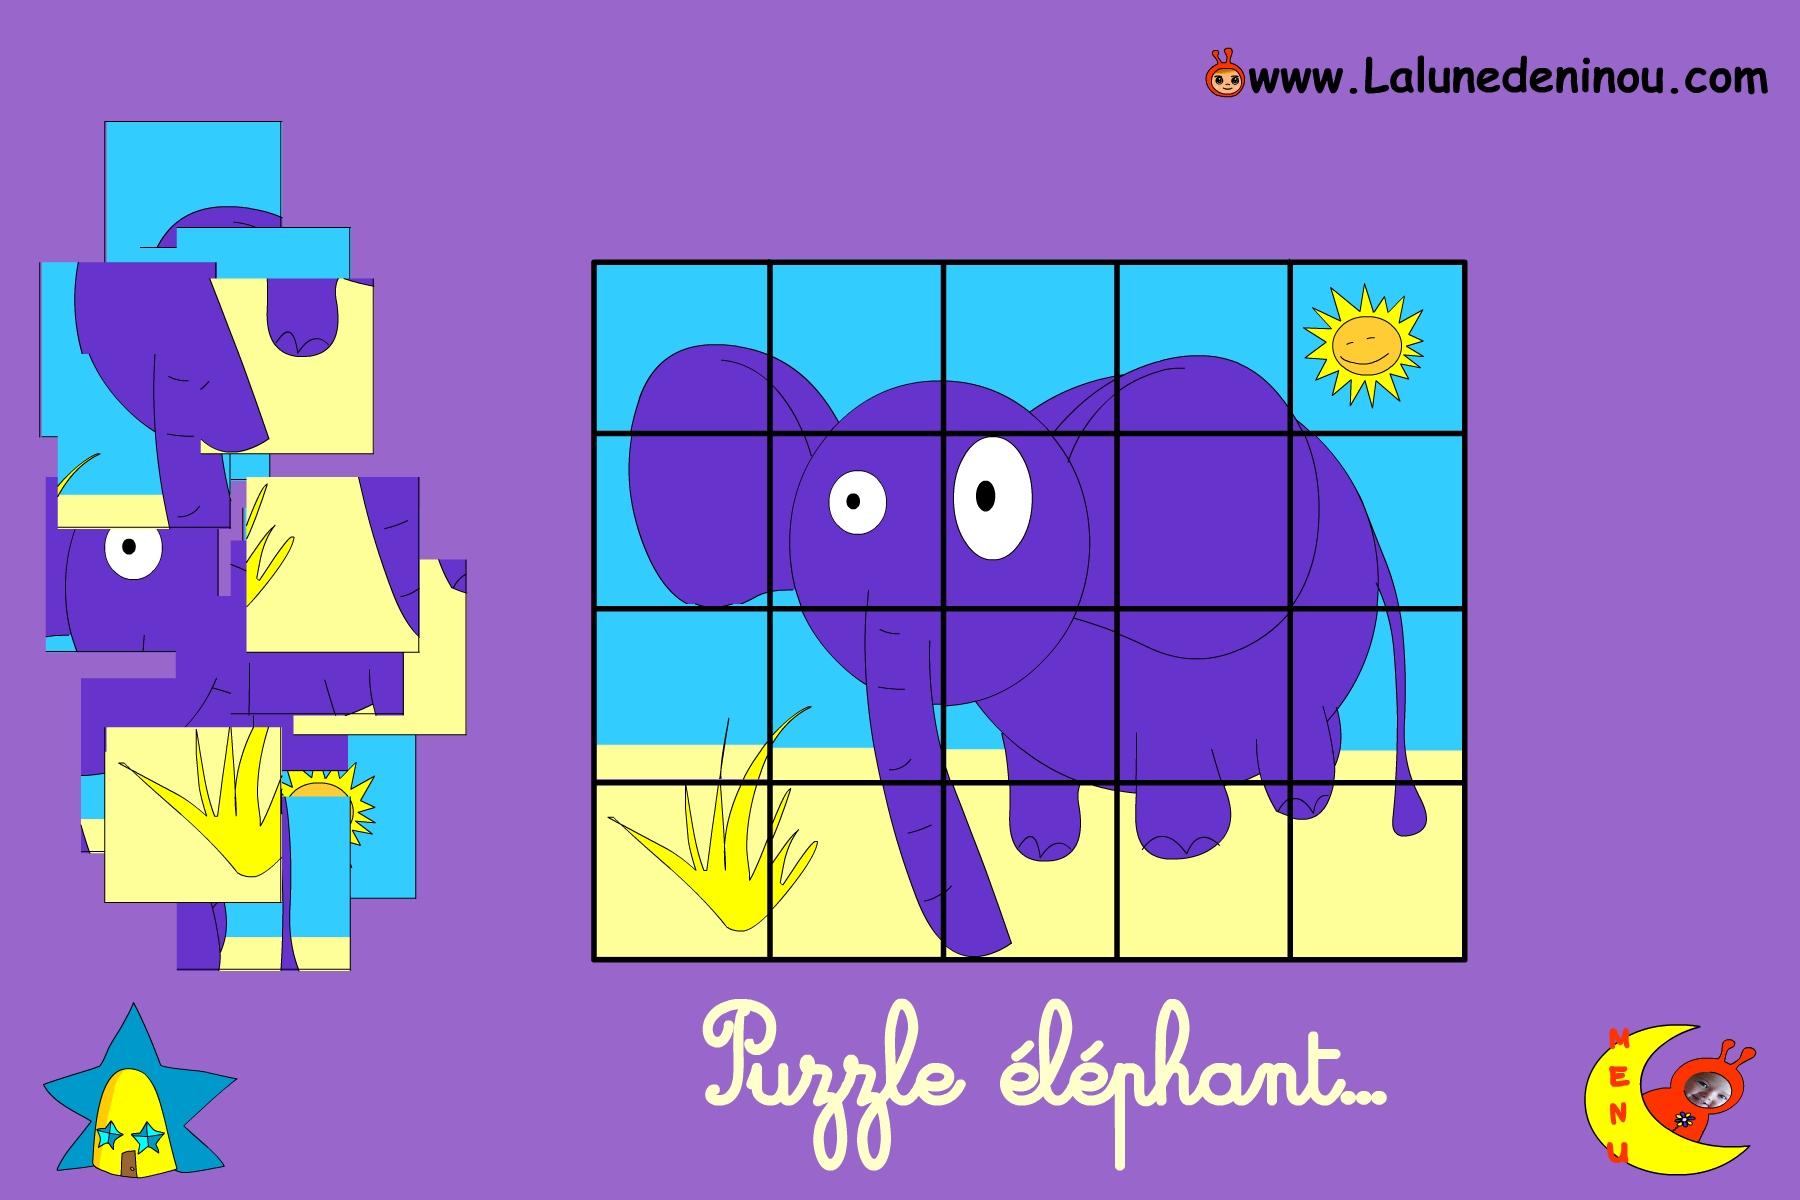 Puzzle En Ligne Pour Enfant De Maternelle - Lalunedeninou encequiconcerne Jeux Pour Petit Garcon De 3 Ans Gratuit